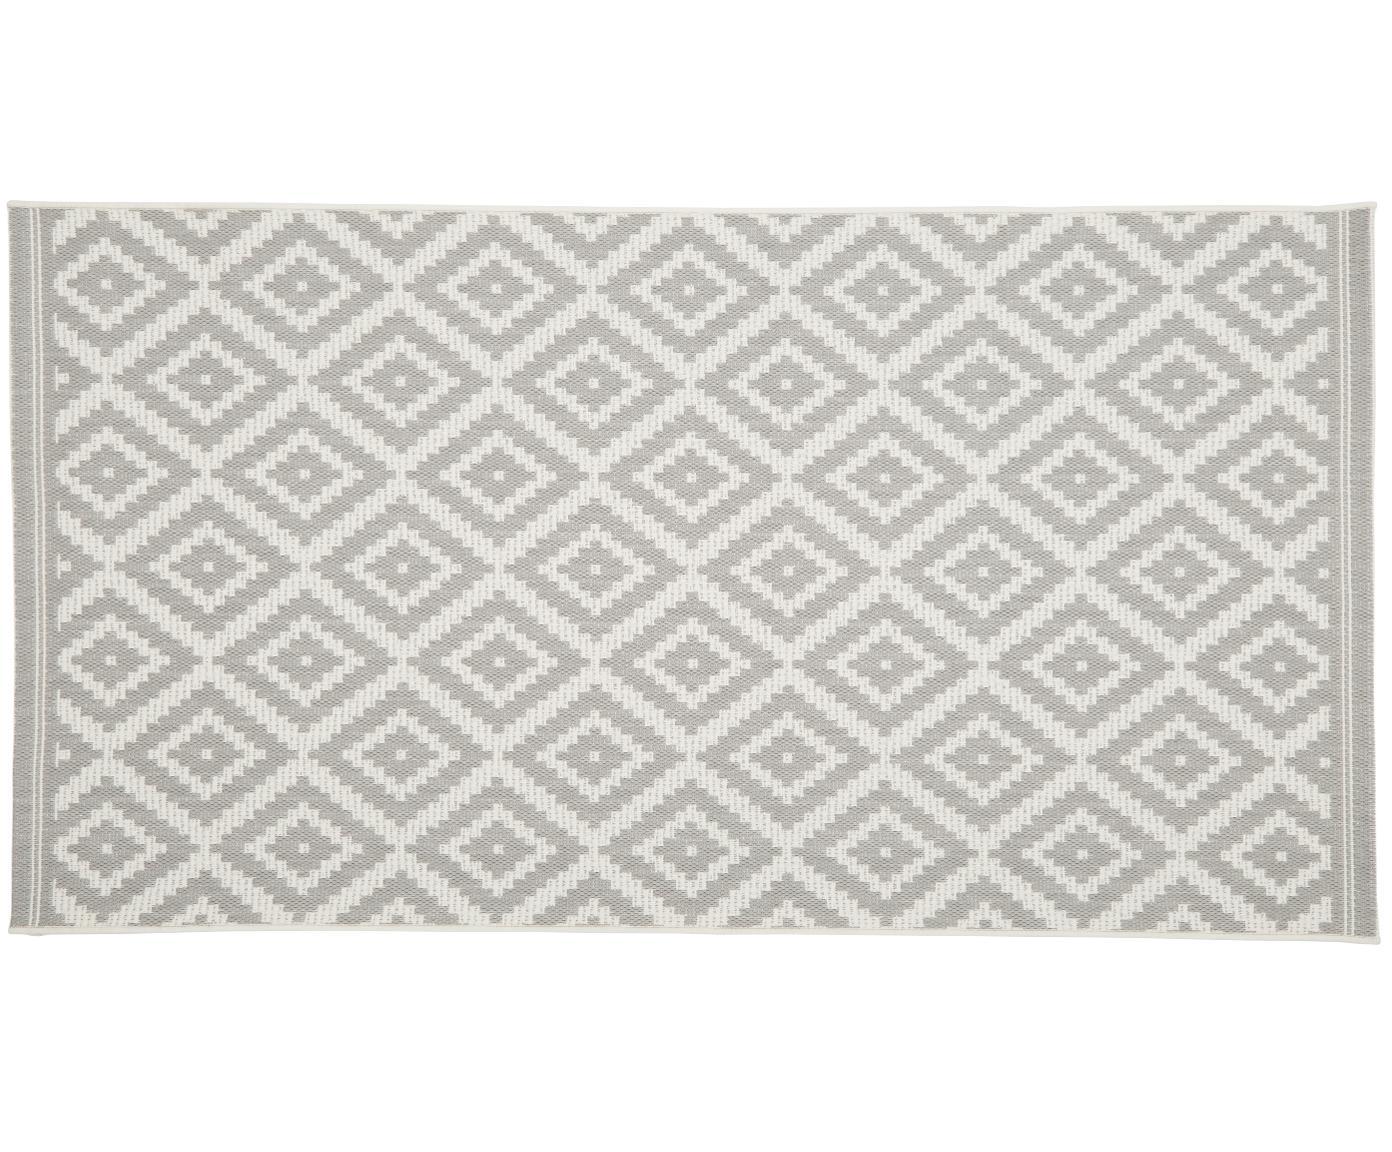 Gemusterter In- & Outdoor-Teppich Miami in Grau/Weiss, Flor: 100% Polypropylen, Cremeweiss, Grau, B 80 x L 150 cm (Grösse XS)